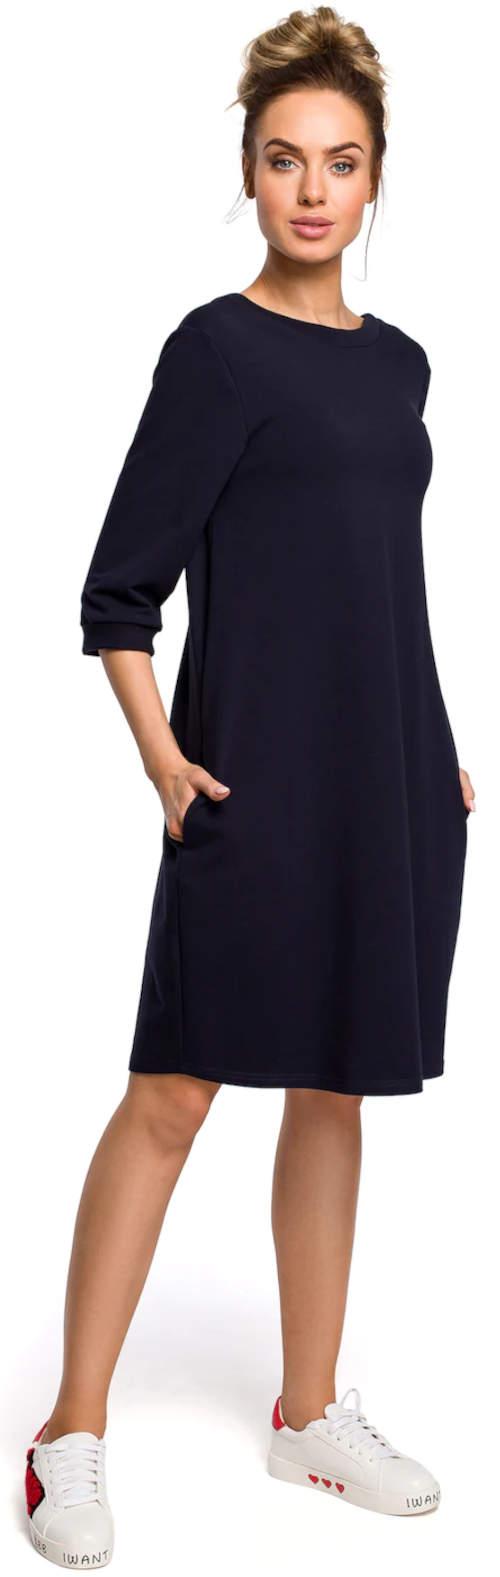 Jednoduché dámské šaty s dvěma bočními kapsami